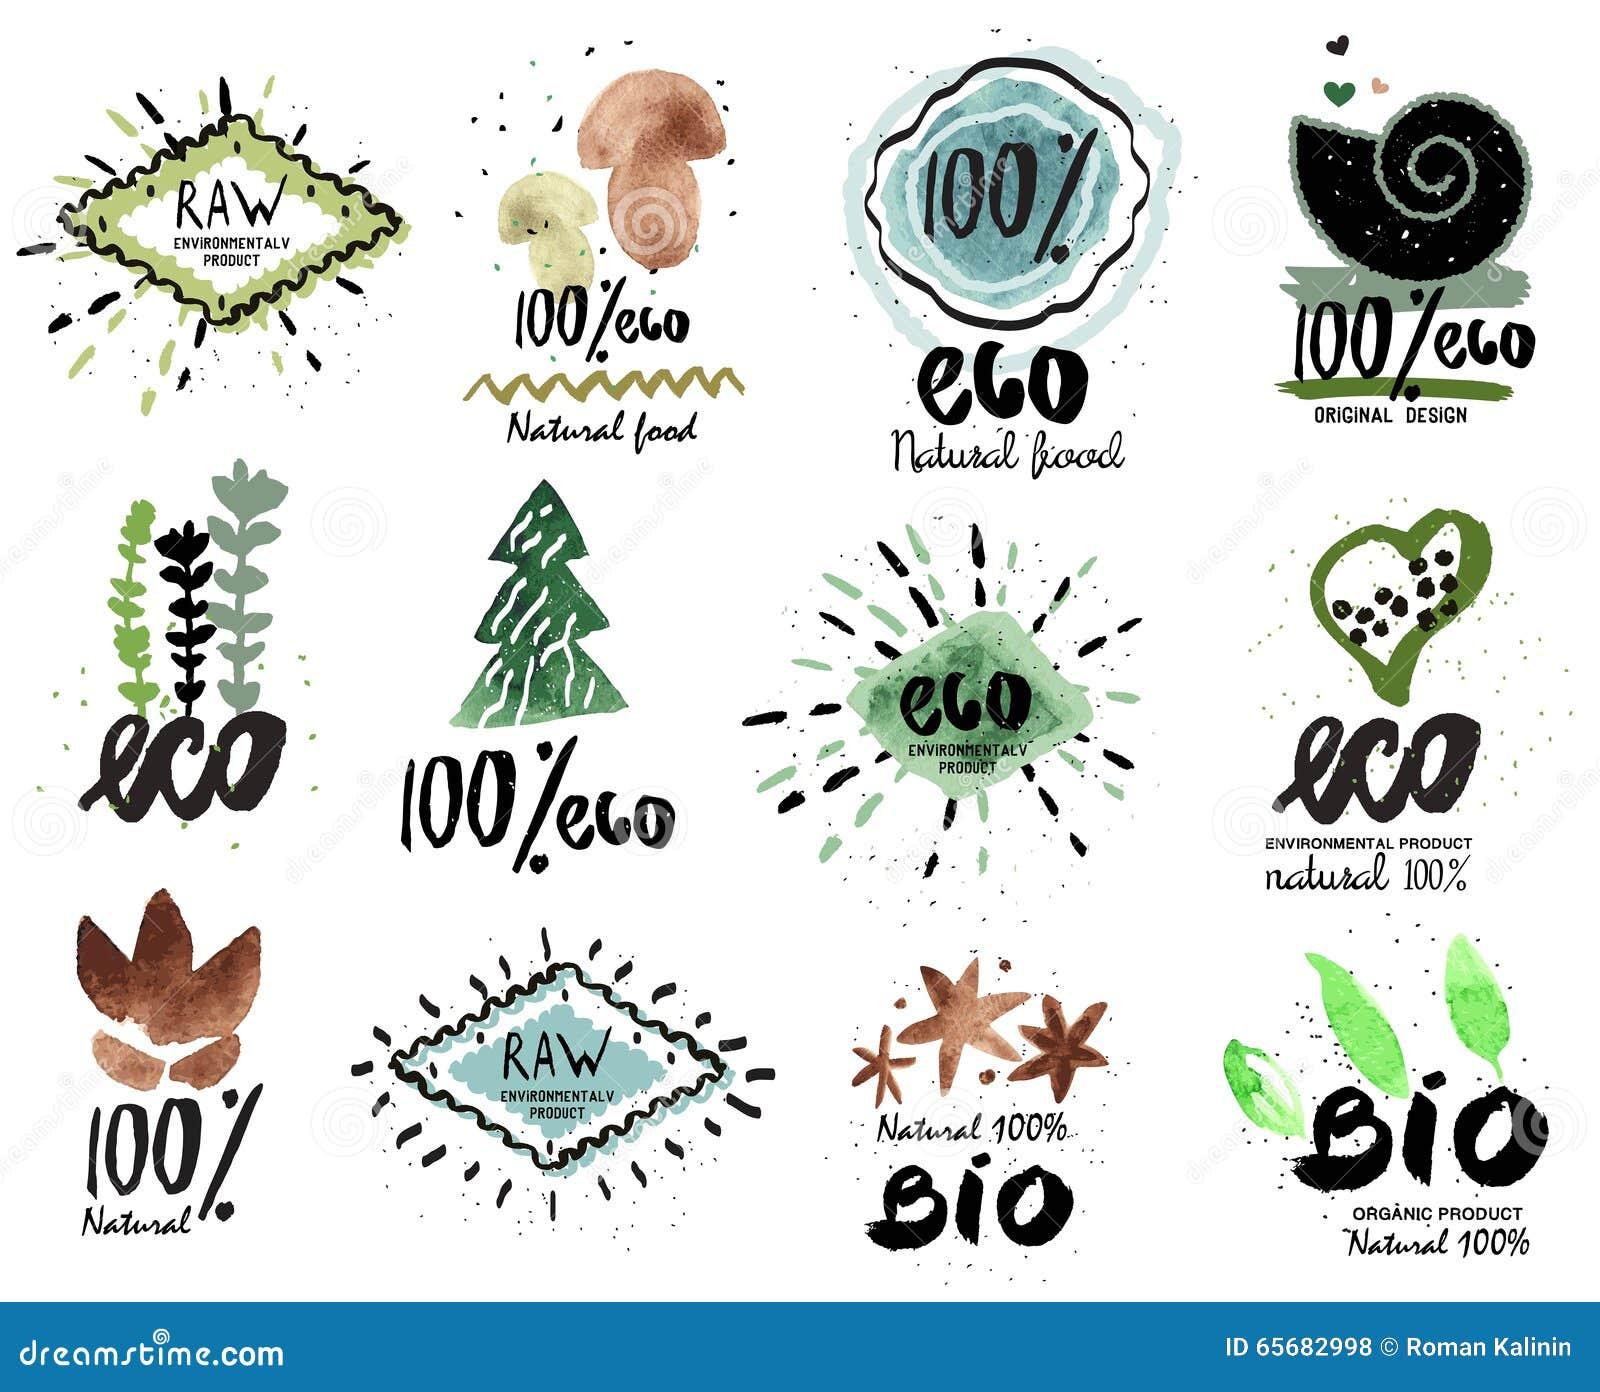 herbal food logo vector illustration cartoondealercom